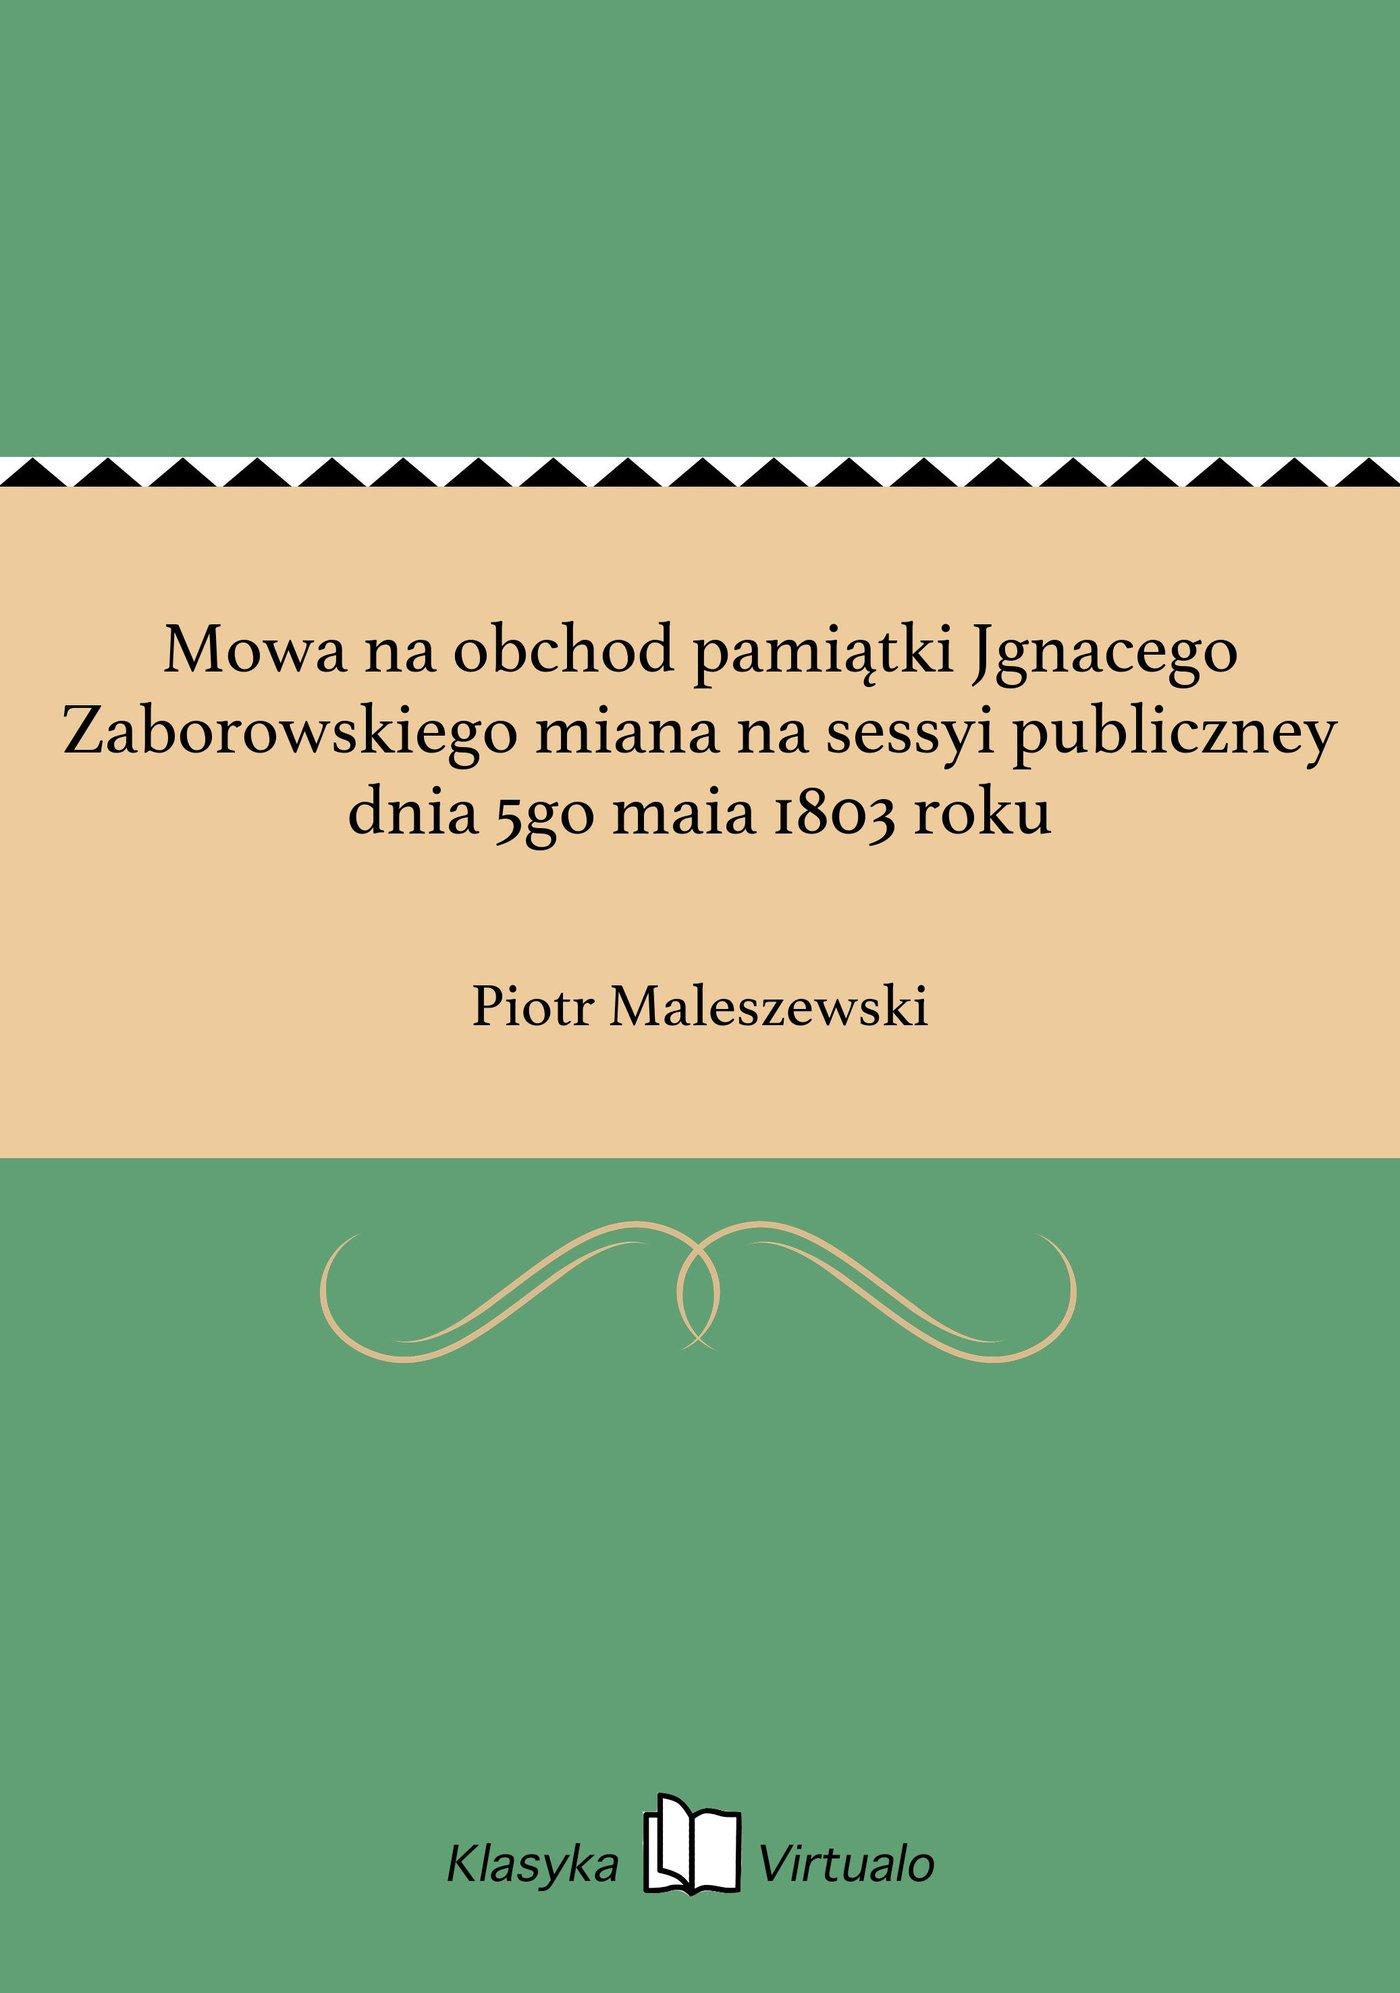 Mowa na obchod pamiątki Jgnacego Zaborowskiego miana na sessyi publiczney dnia 5go maia 1803 roku - Ebook (Książka EPUB) do pobrania w formacie EPUB